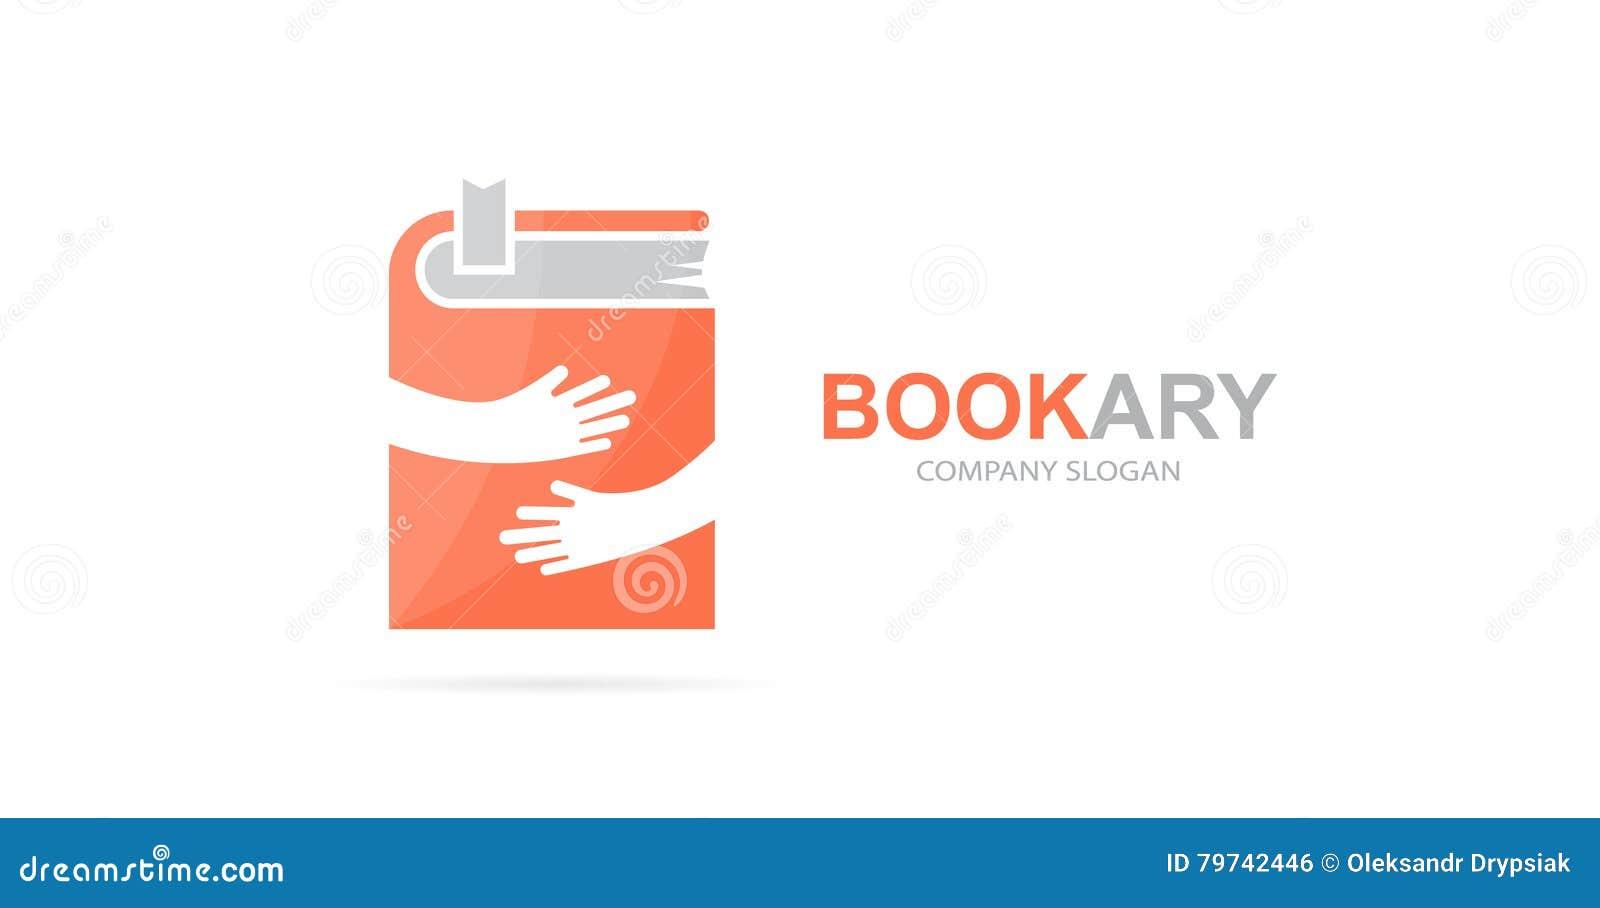 Combinación del logotipo del libro y de las manos del vector Novela y símbolo o icono del abrazo Diseño único del logotipo de la